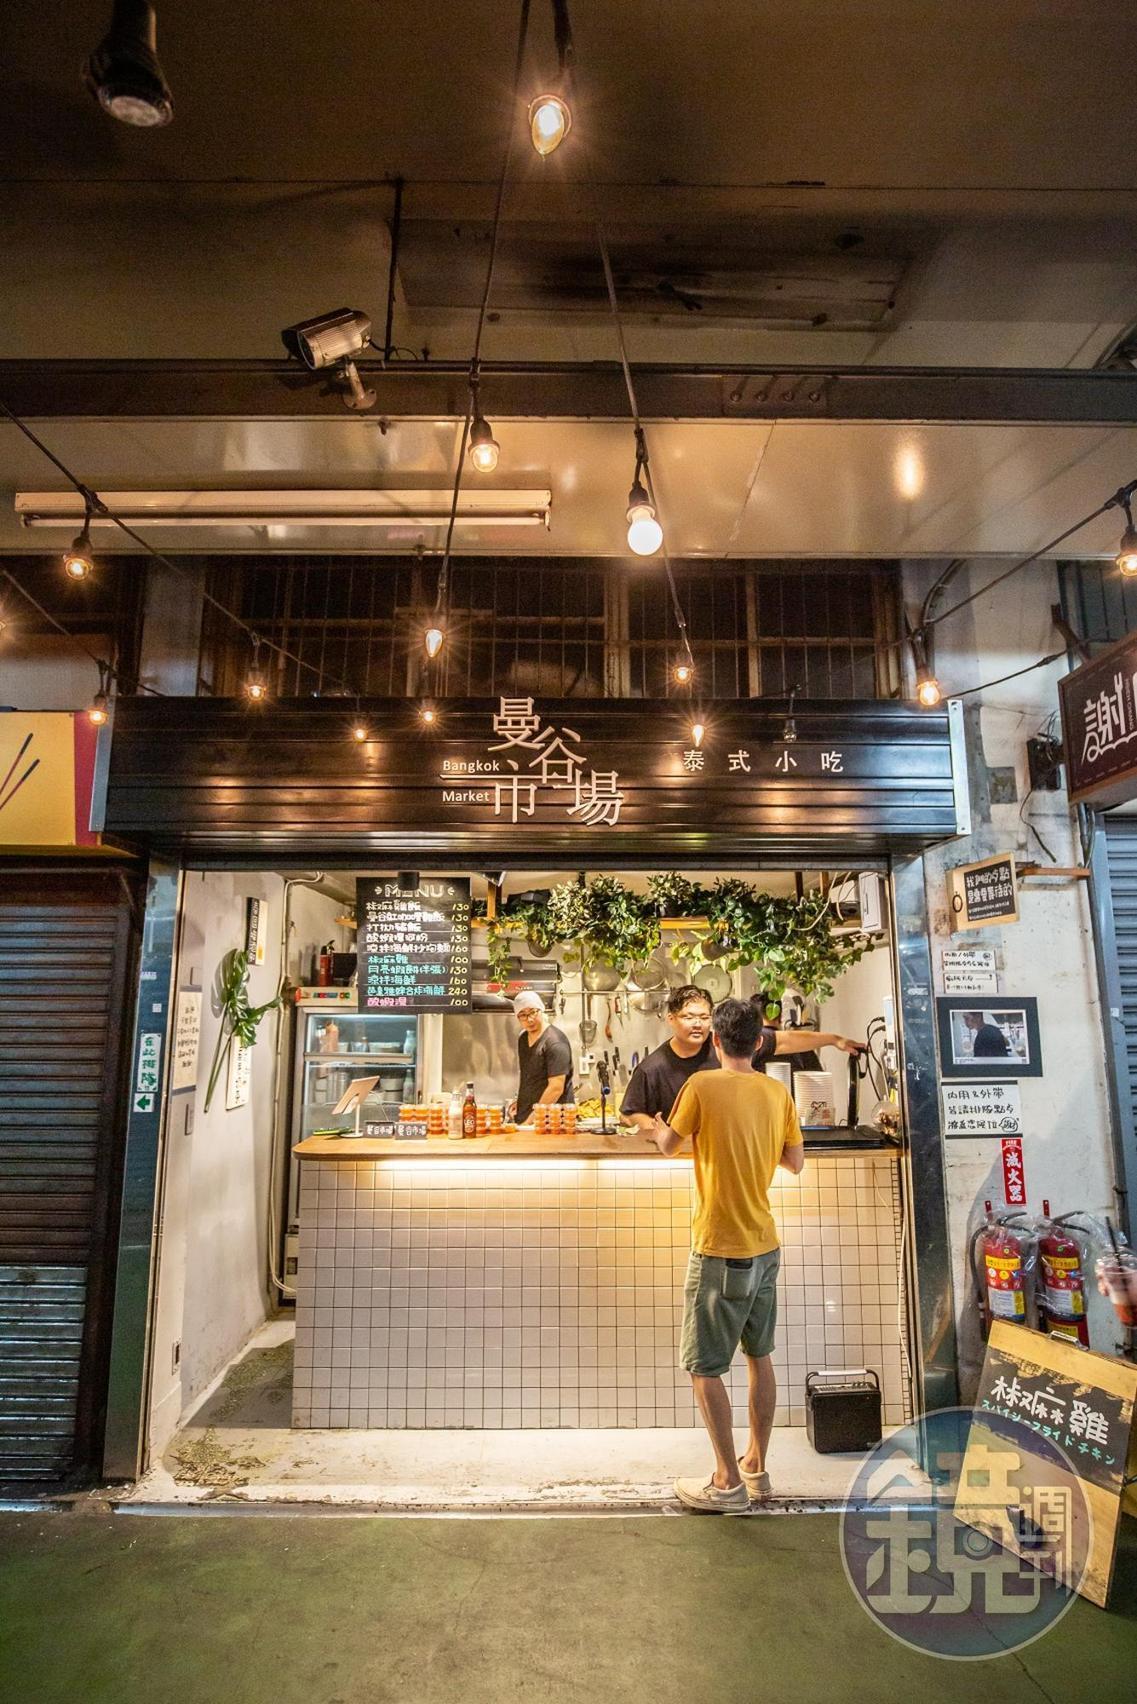 為了讓「曼谷市場」與其他店鋪有差異化,渼喬與查理特別選用小清新的風格,親手布置一切。